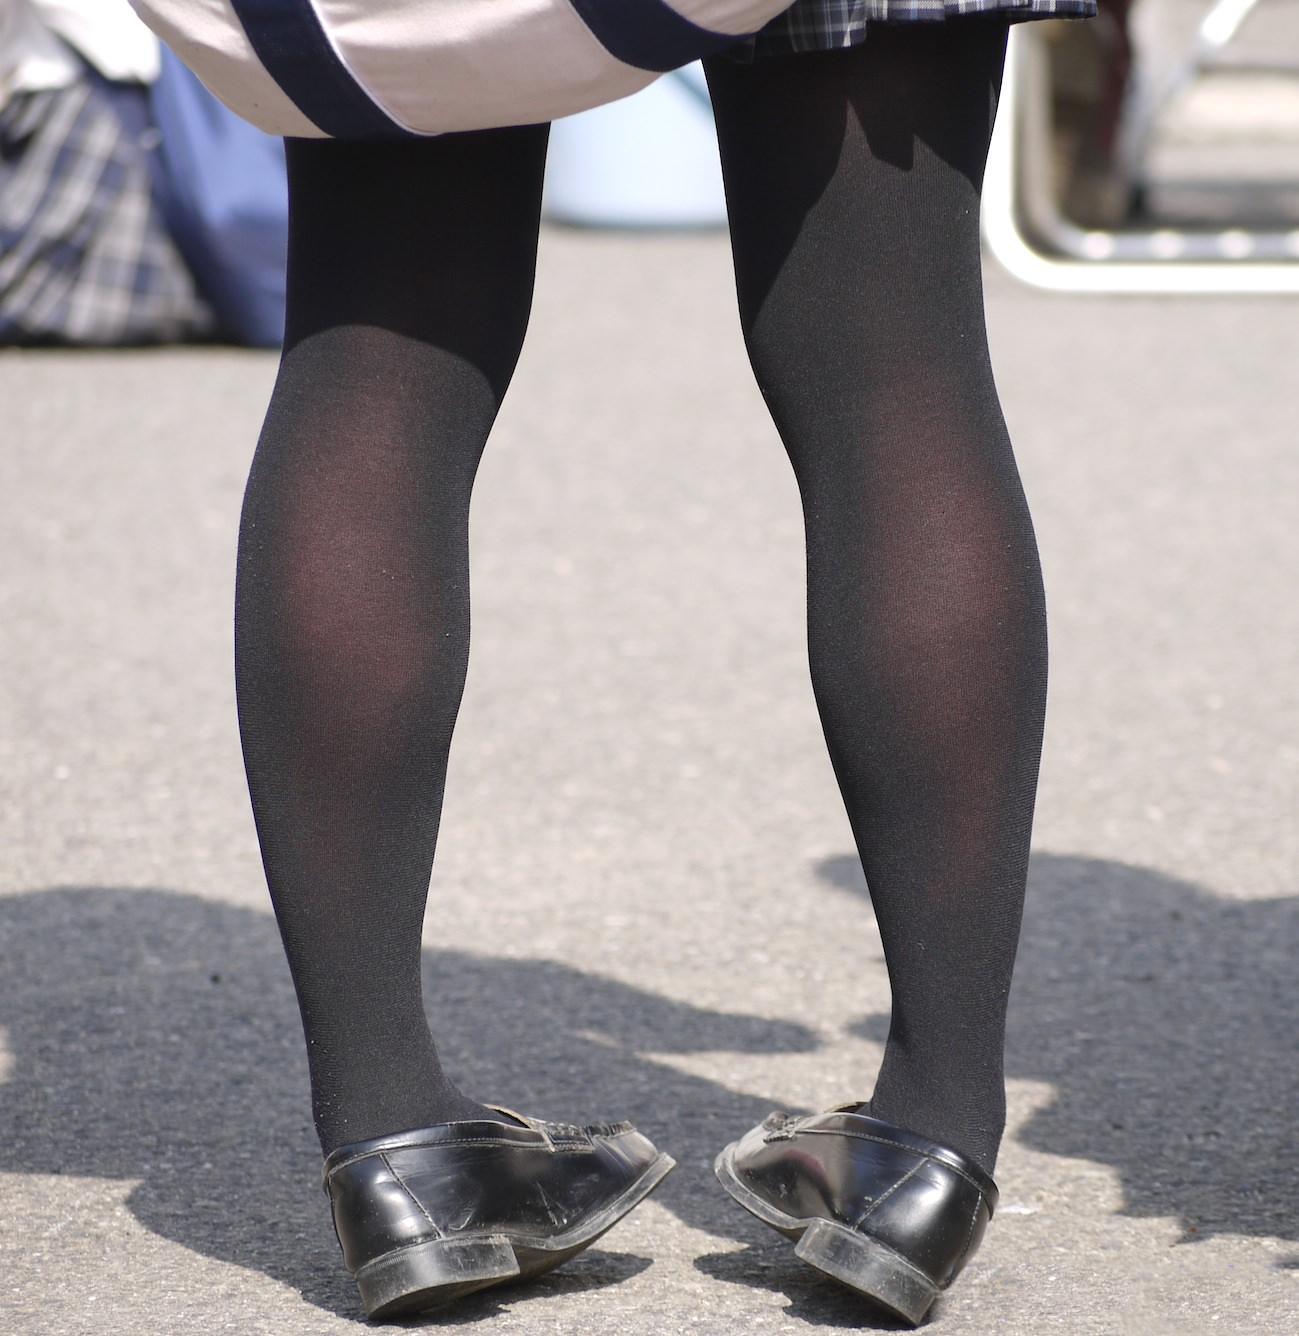 生足も好きだけどJKの黒パンスト画像なんてどうでしょう!!! Itx3KI4